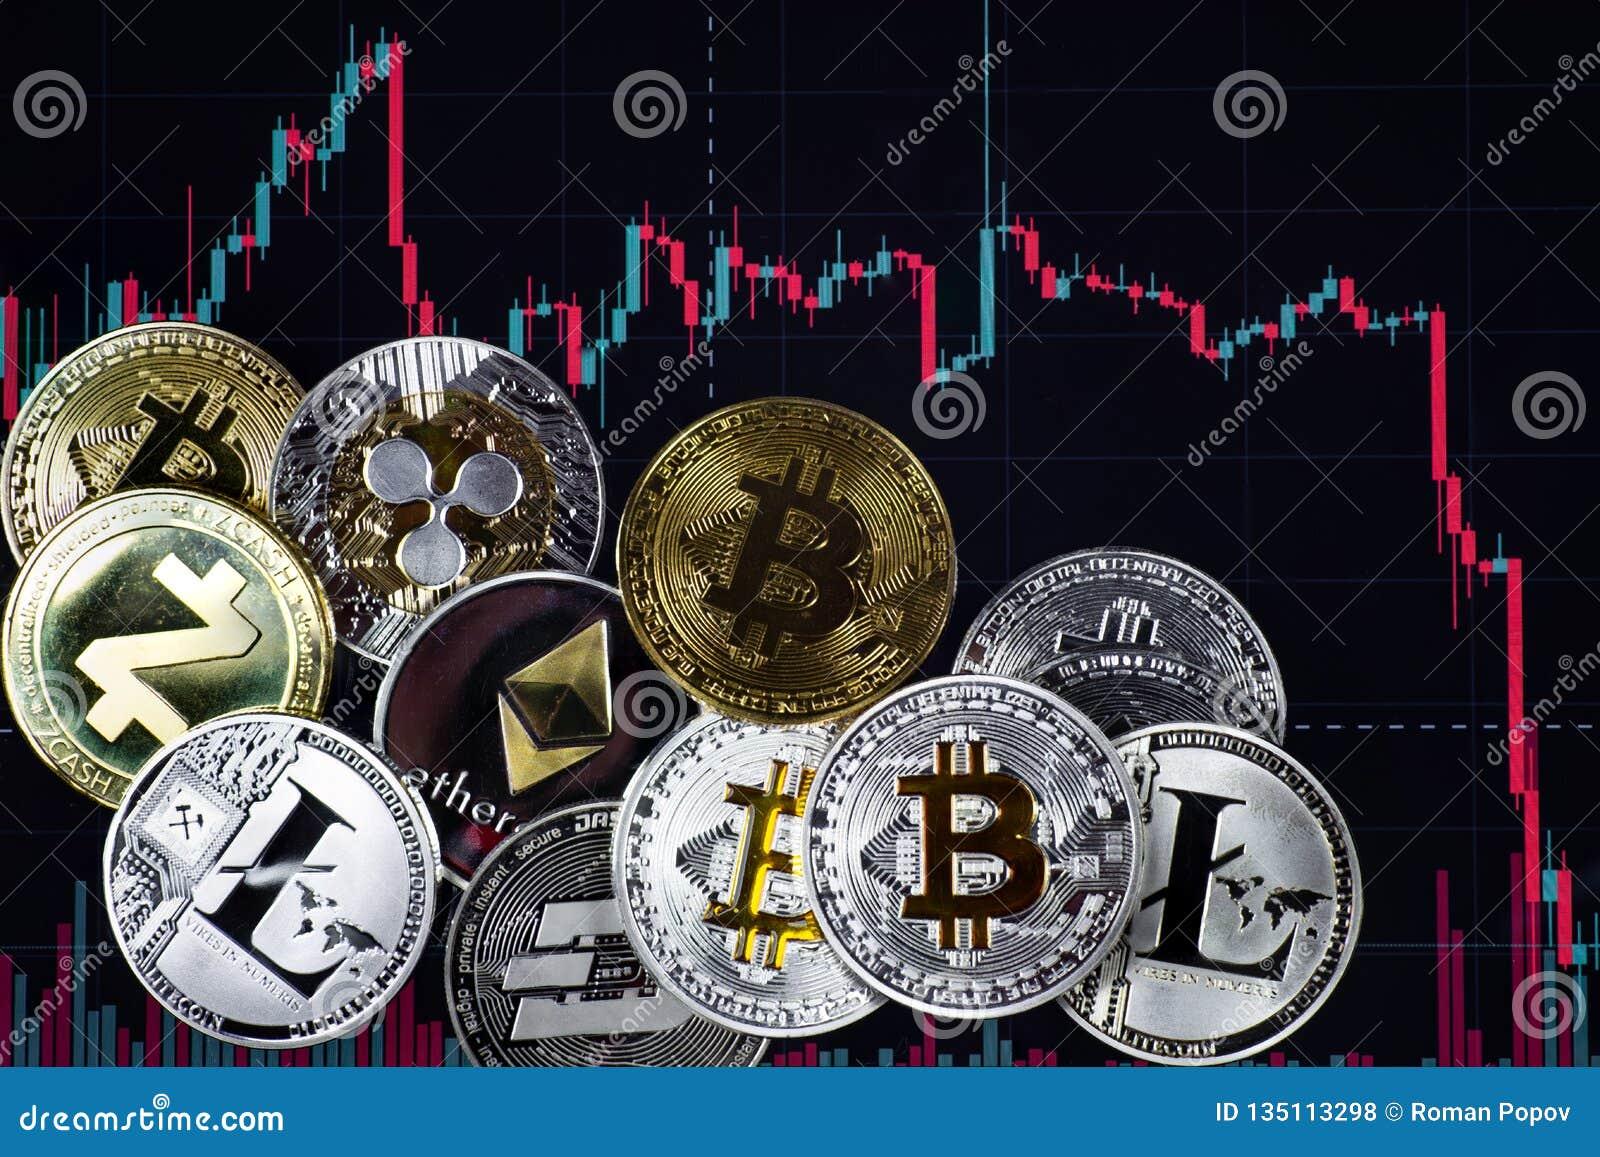 Muntstukkenetherium, bitcoin, streepje, litecoin, rimpeling, zcash tegen de achtergrond van dalende uitwisselingsgrafiek